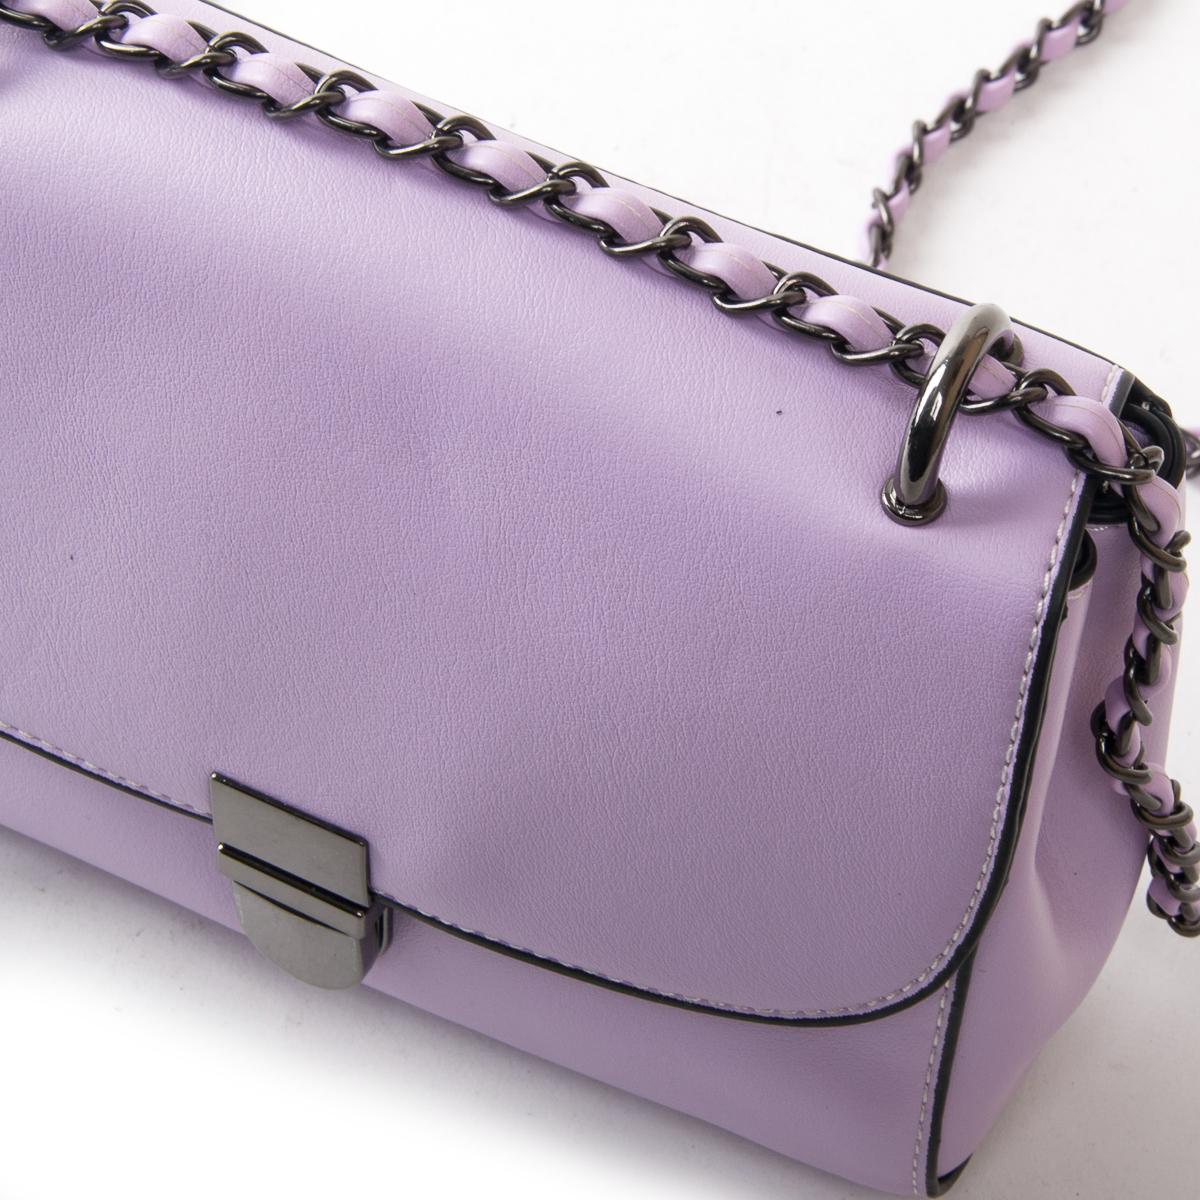 Сумка Женская Классическая иск-кожа FASHION 01-00 9909 purple - фото 3